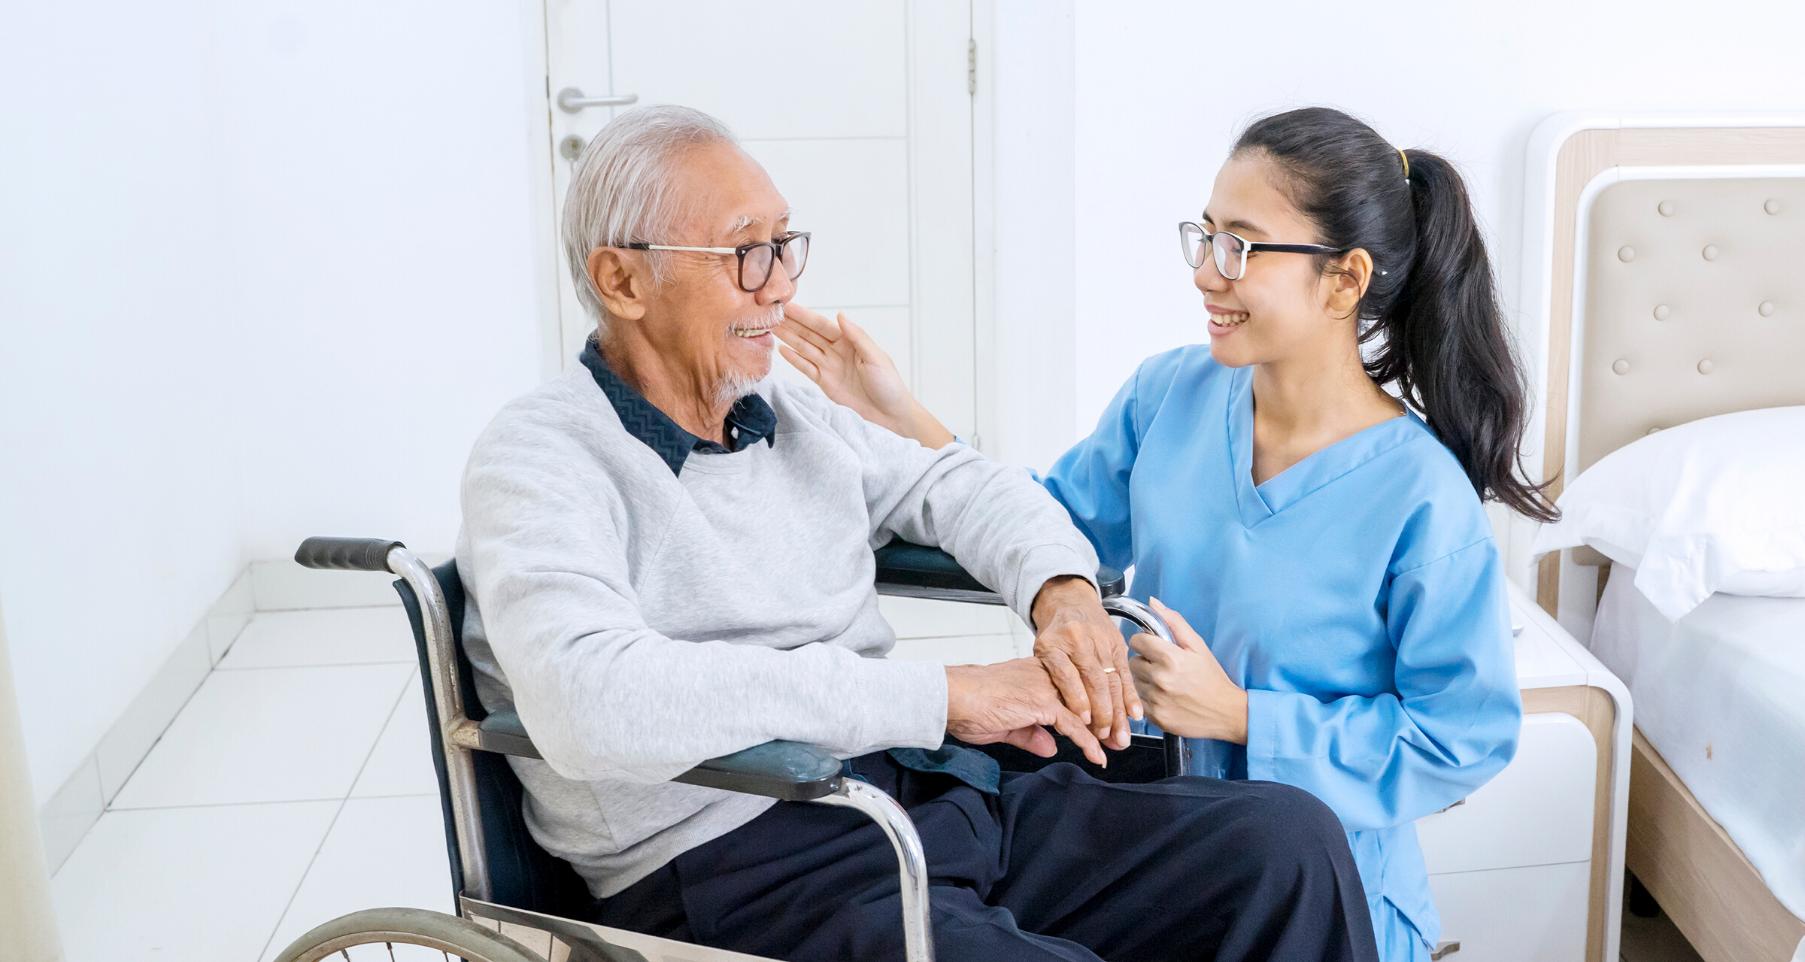 Patient Care Tech Inpatient Transfers Case Study